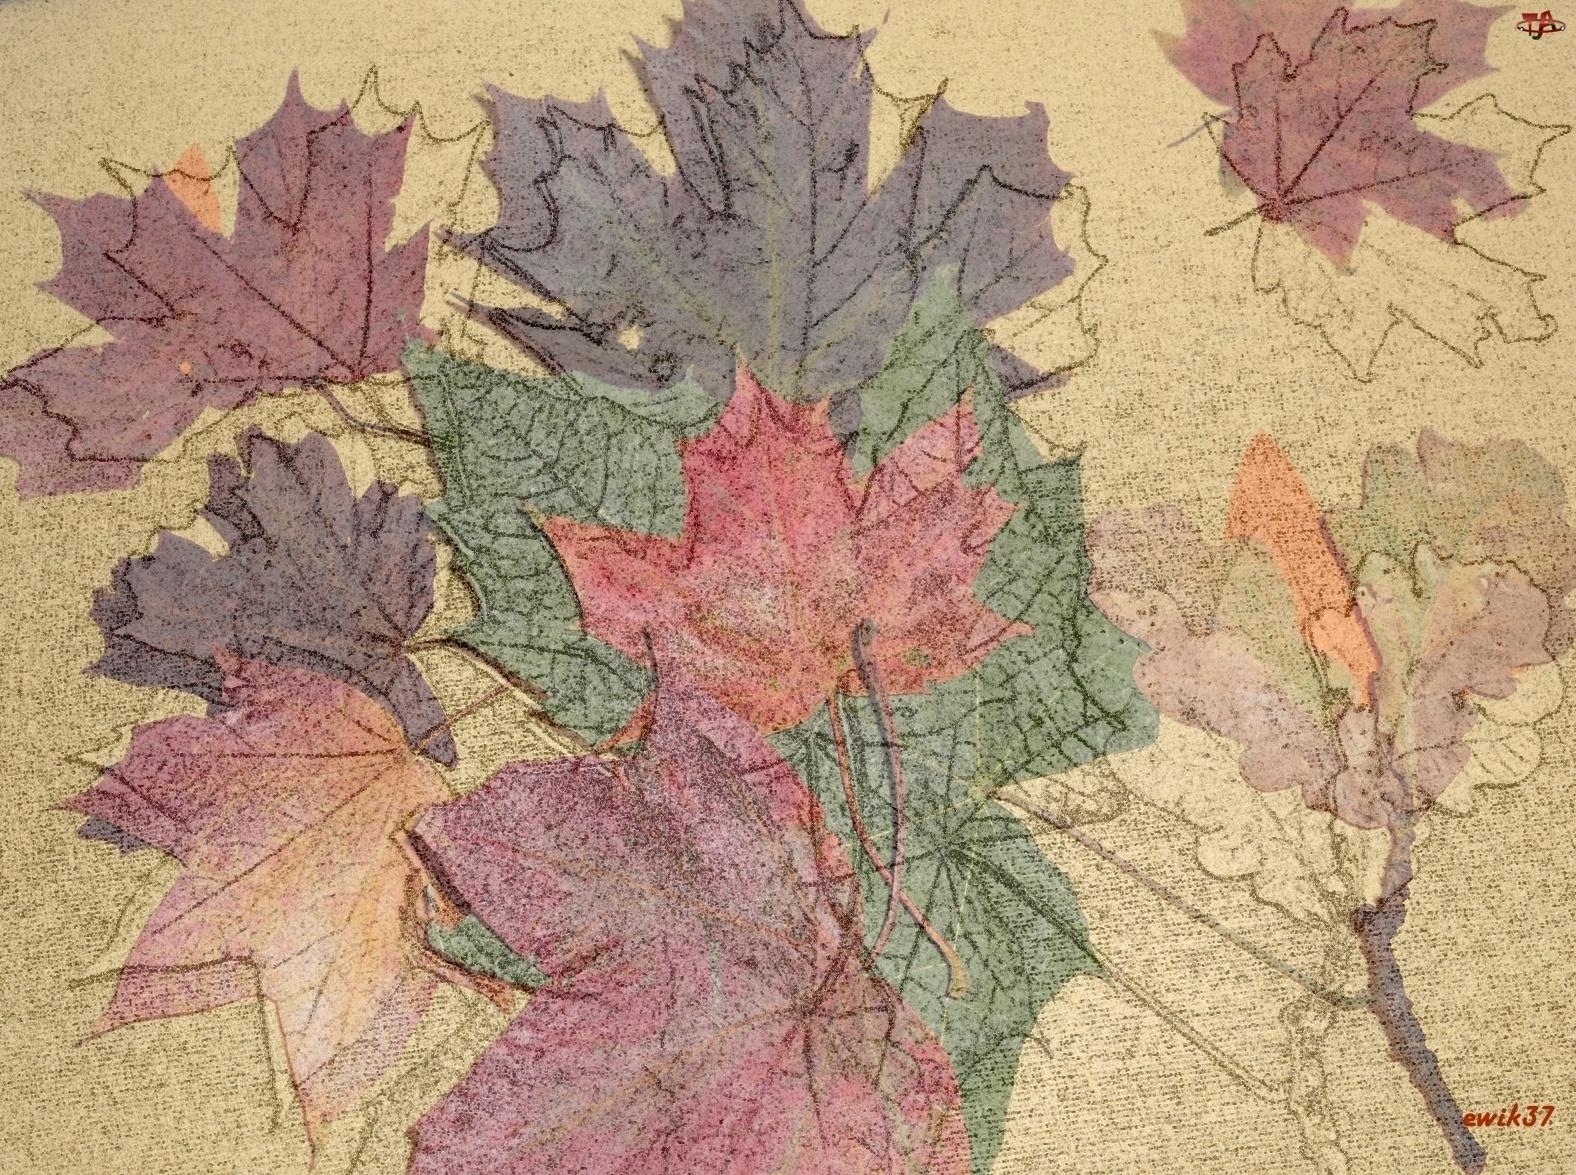 Jesień, Odcienie, Liście, Klonu